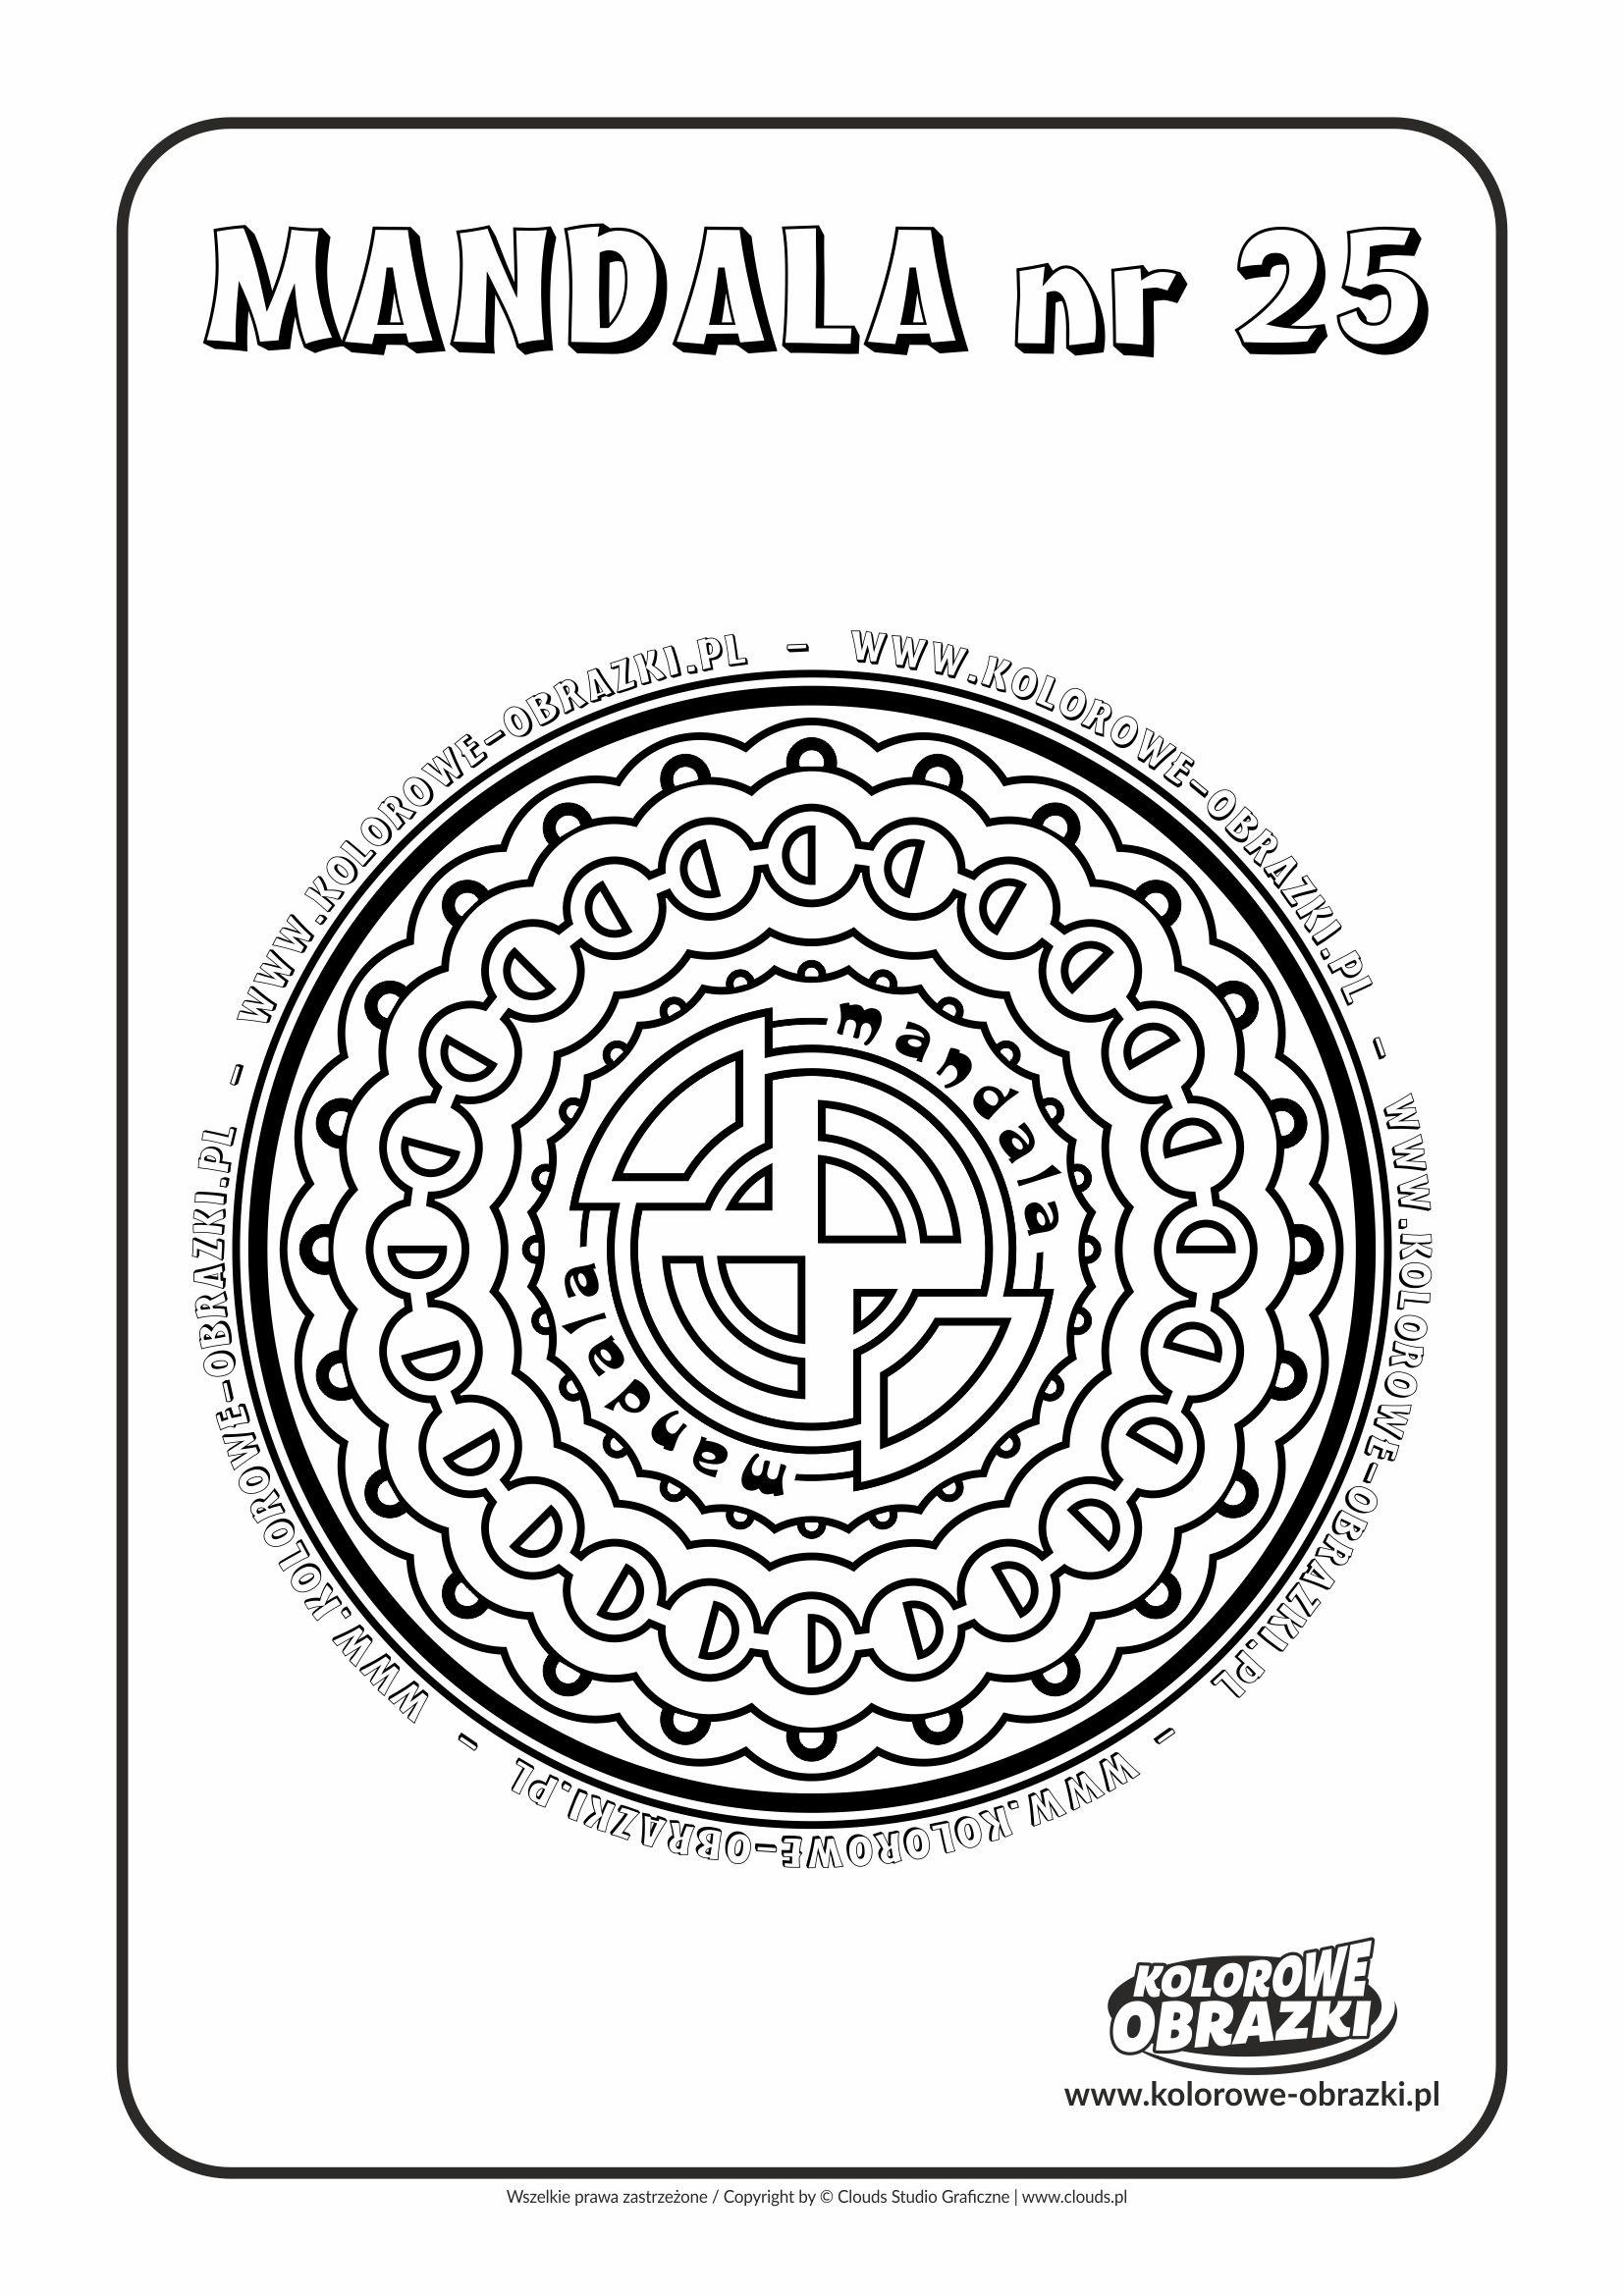 Kolorowanki dla dzieci - Mandale / Mandala nr 25. Kolorowanka z mandalą